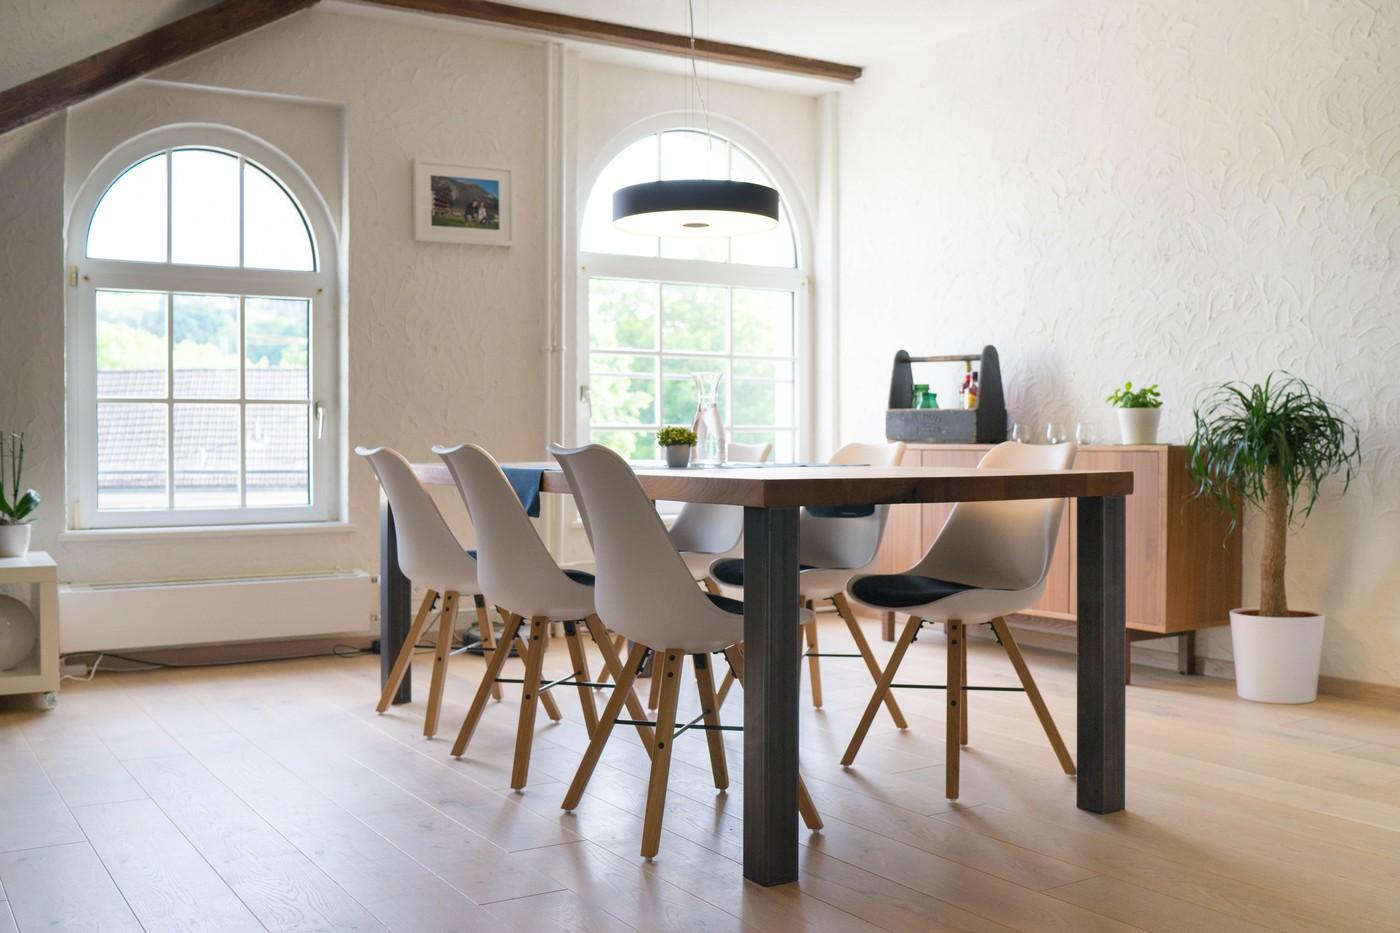 rent a 3 rooms flat in st. gallen | flatfox, Badezimmer ideen